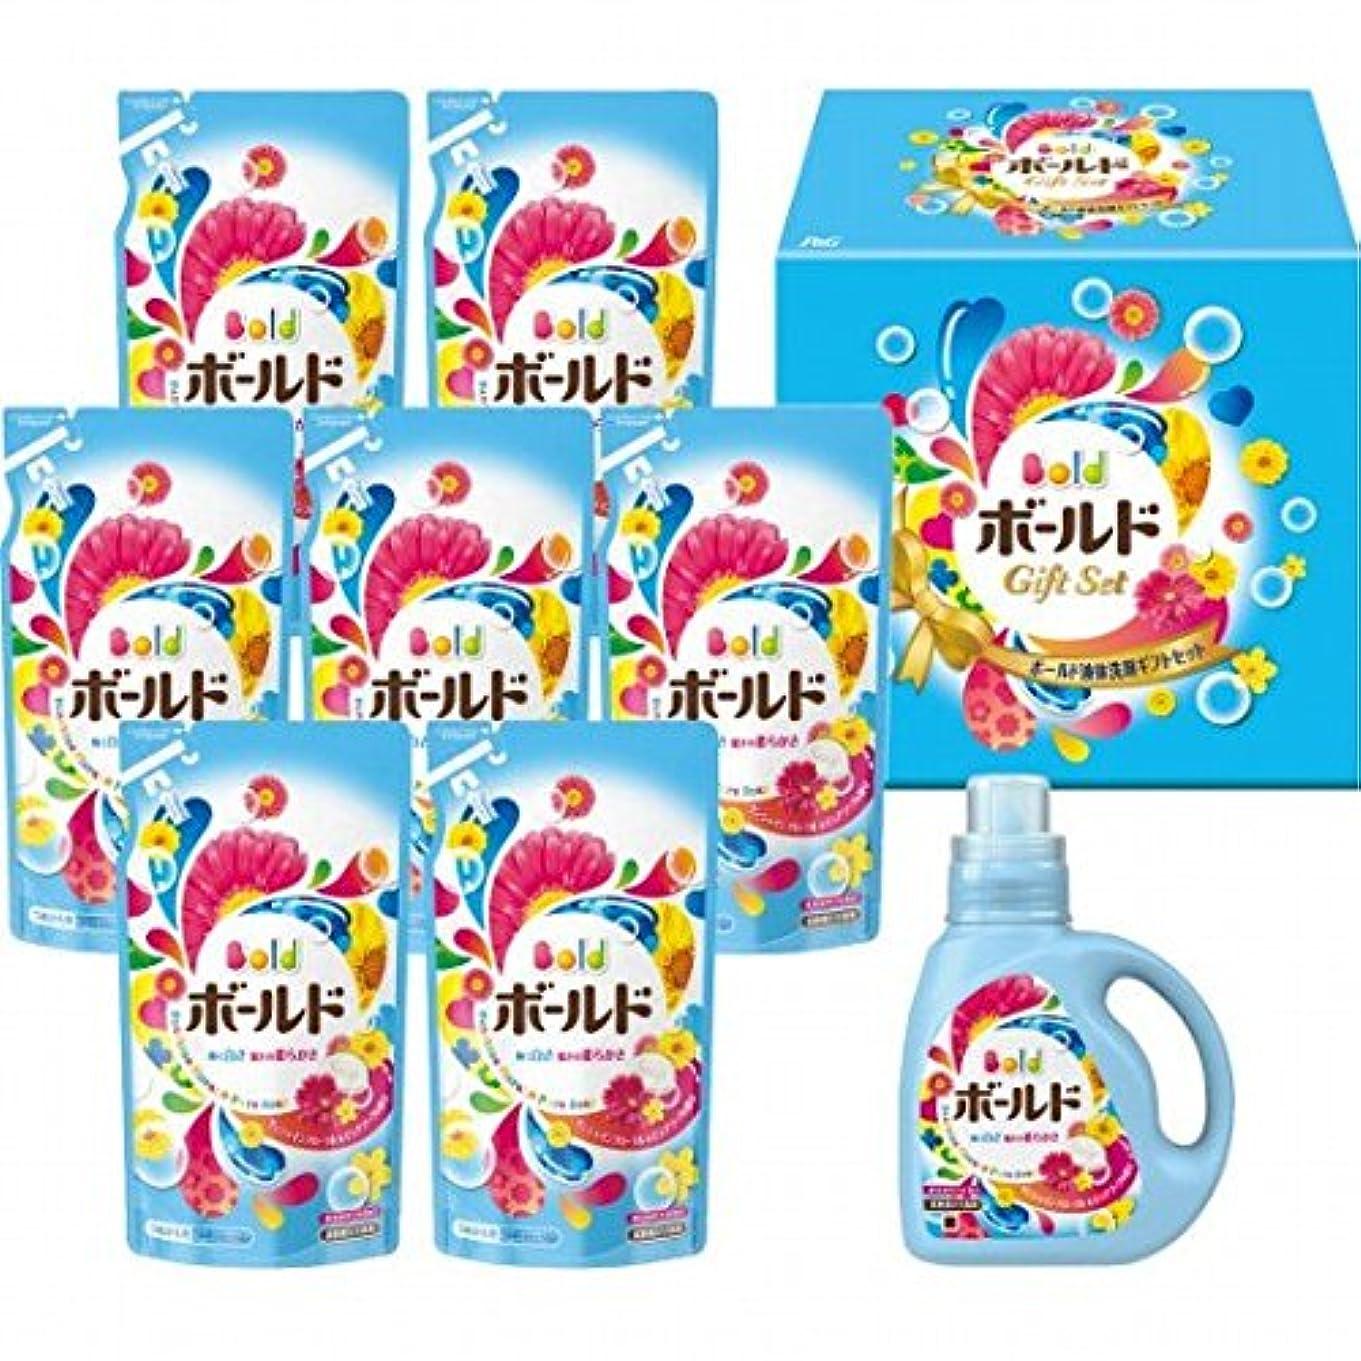 P&G(ピーアンドジー) お歳暮 P&G ボールド液体洗剤ギフトセット(PGLB-50T)